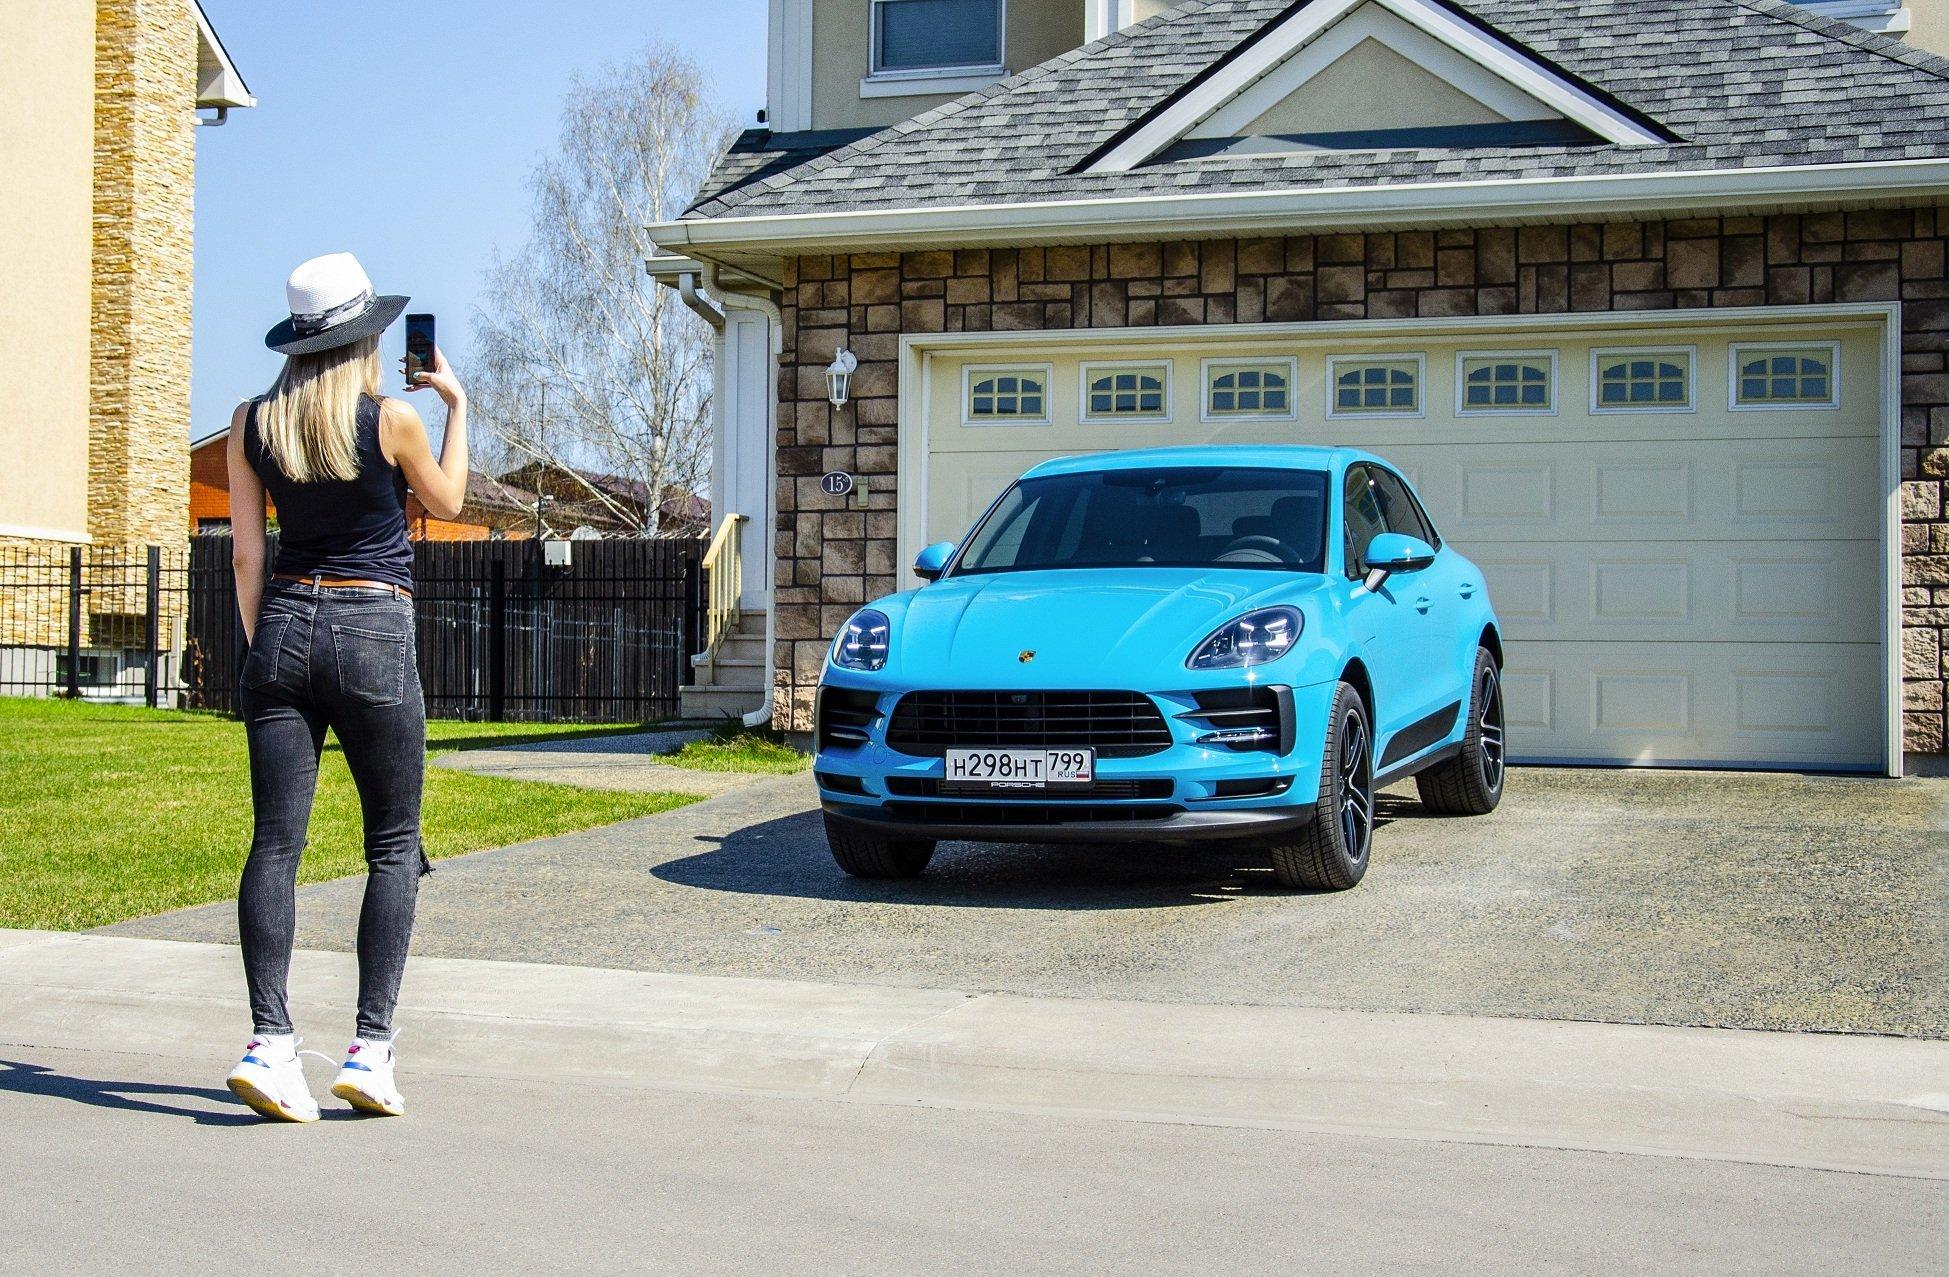 Конкурс: «Моя машина — вам не тачка»